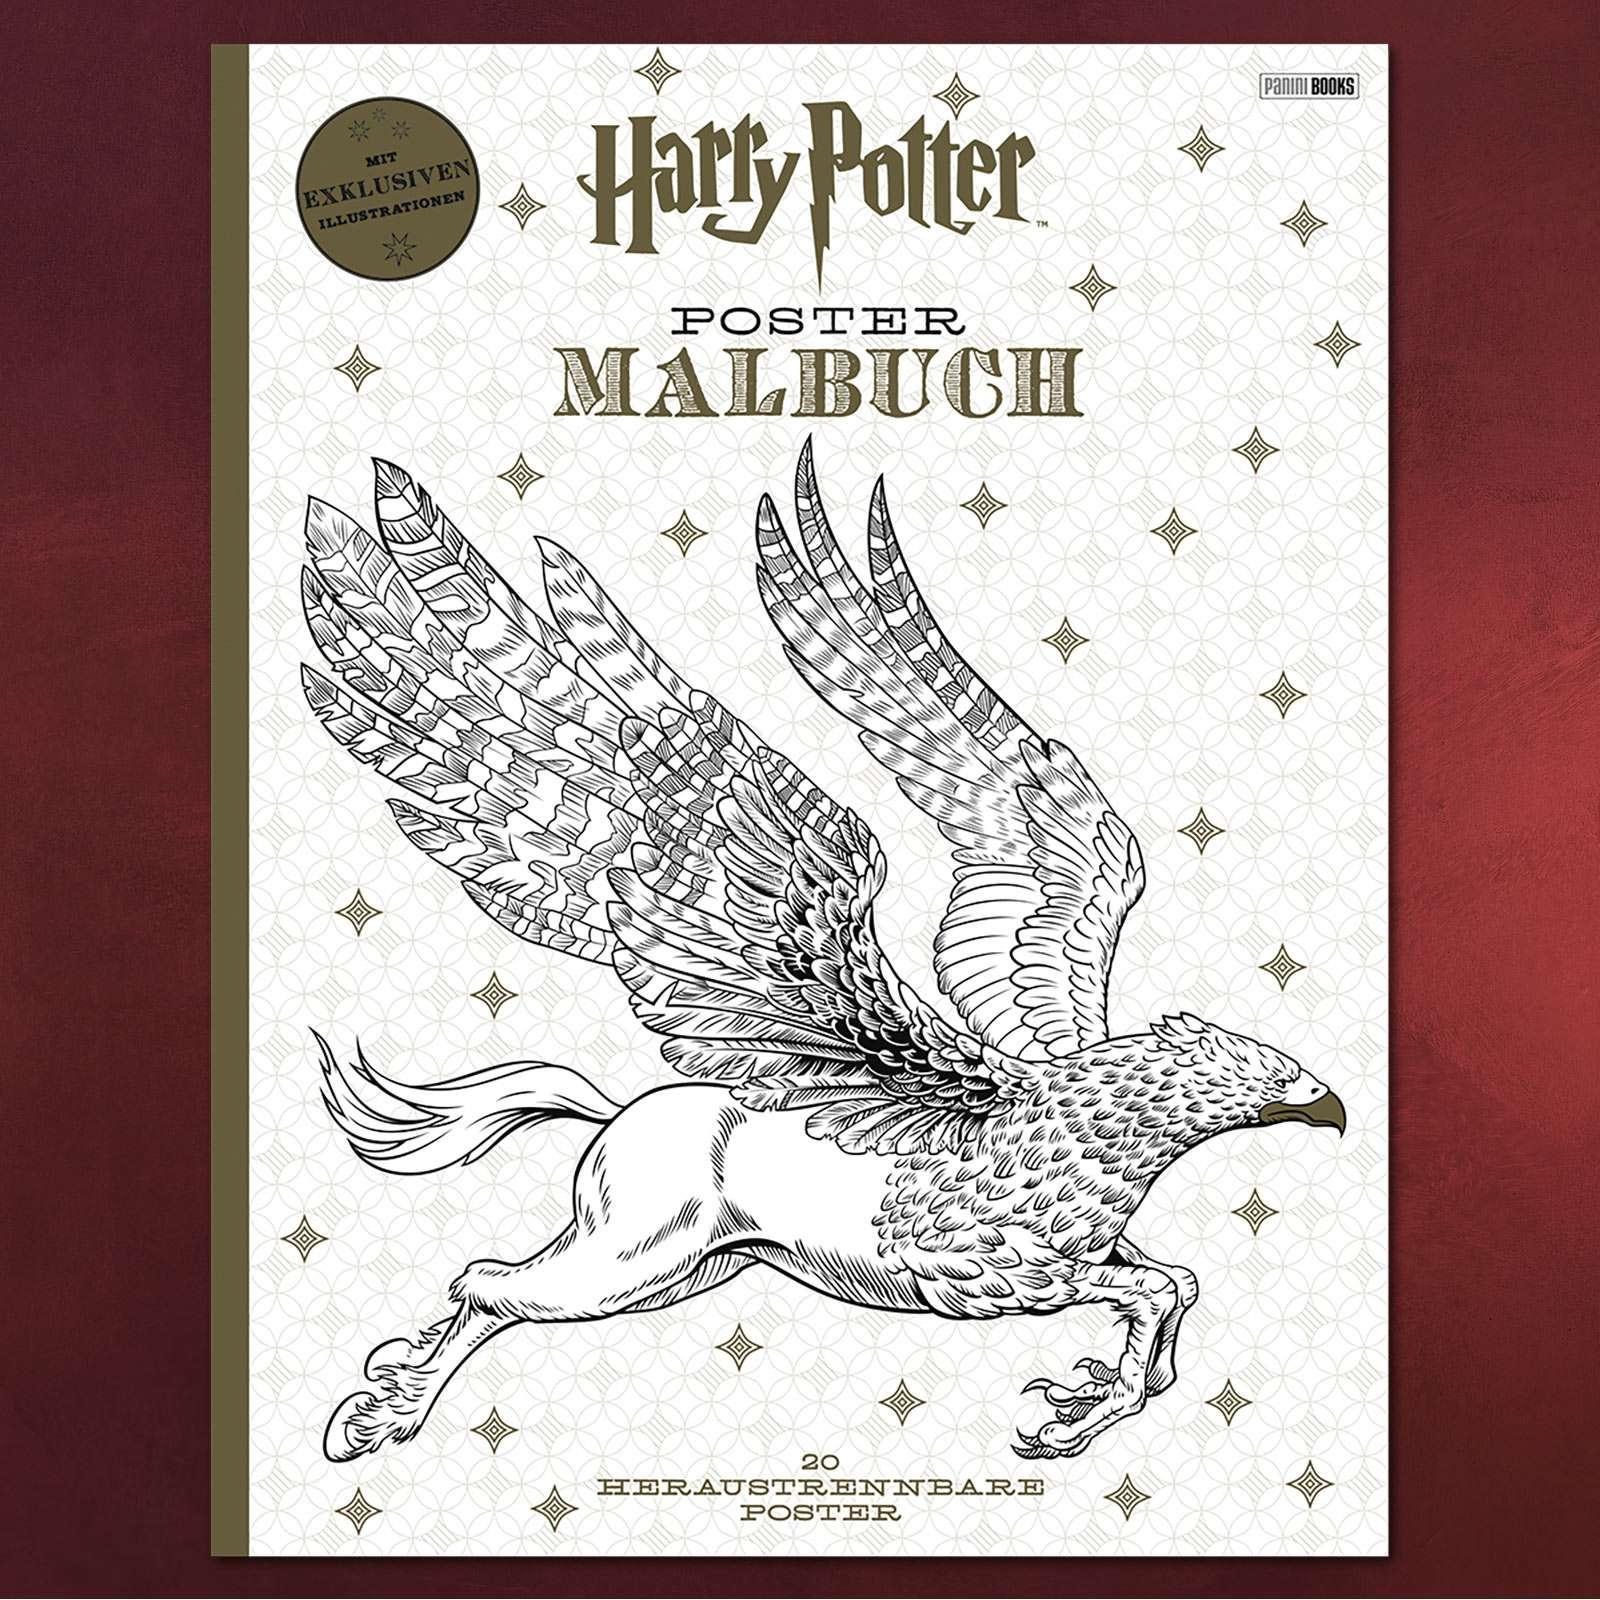 Ausmalbilder Prinzessin Mittelalter Das Beste Von Harry Potter Poster Malbuch Wddj Fotografieren